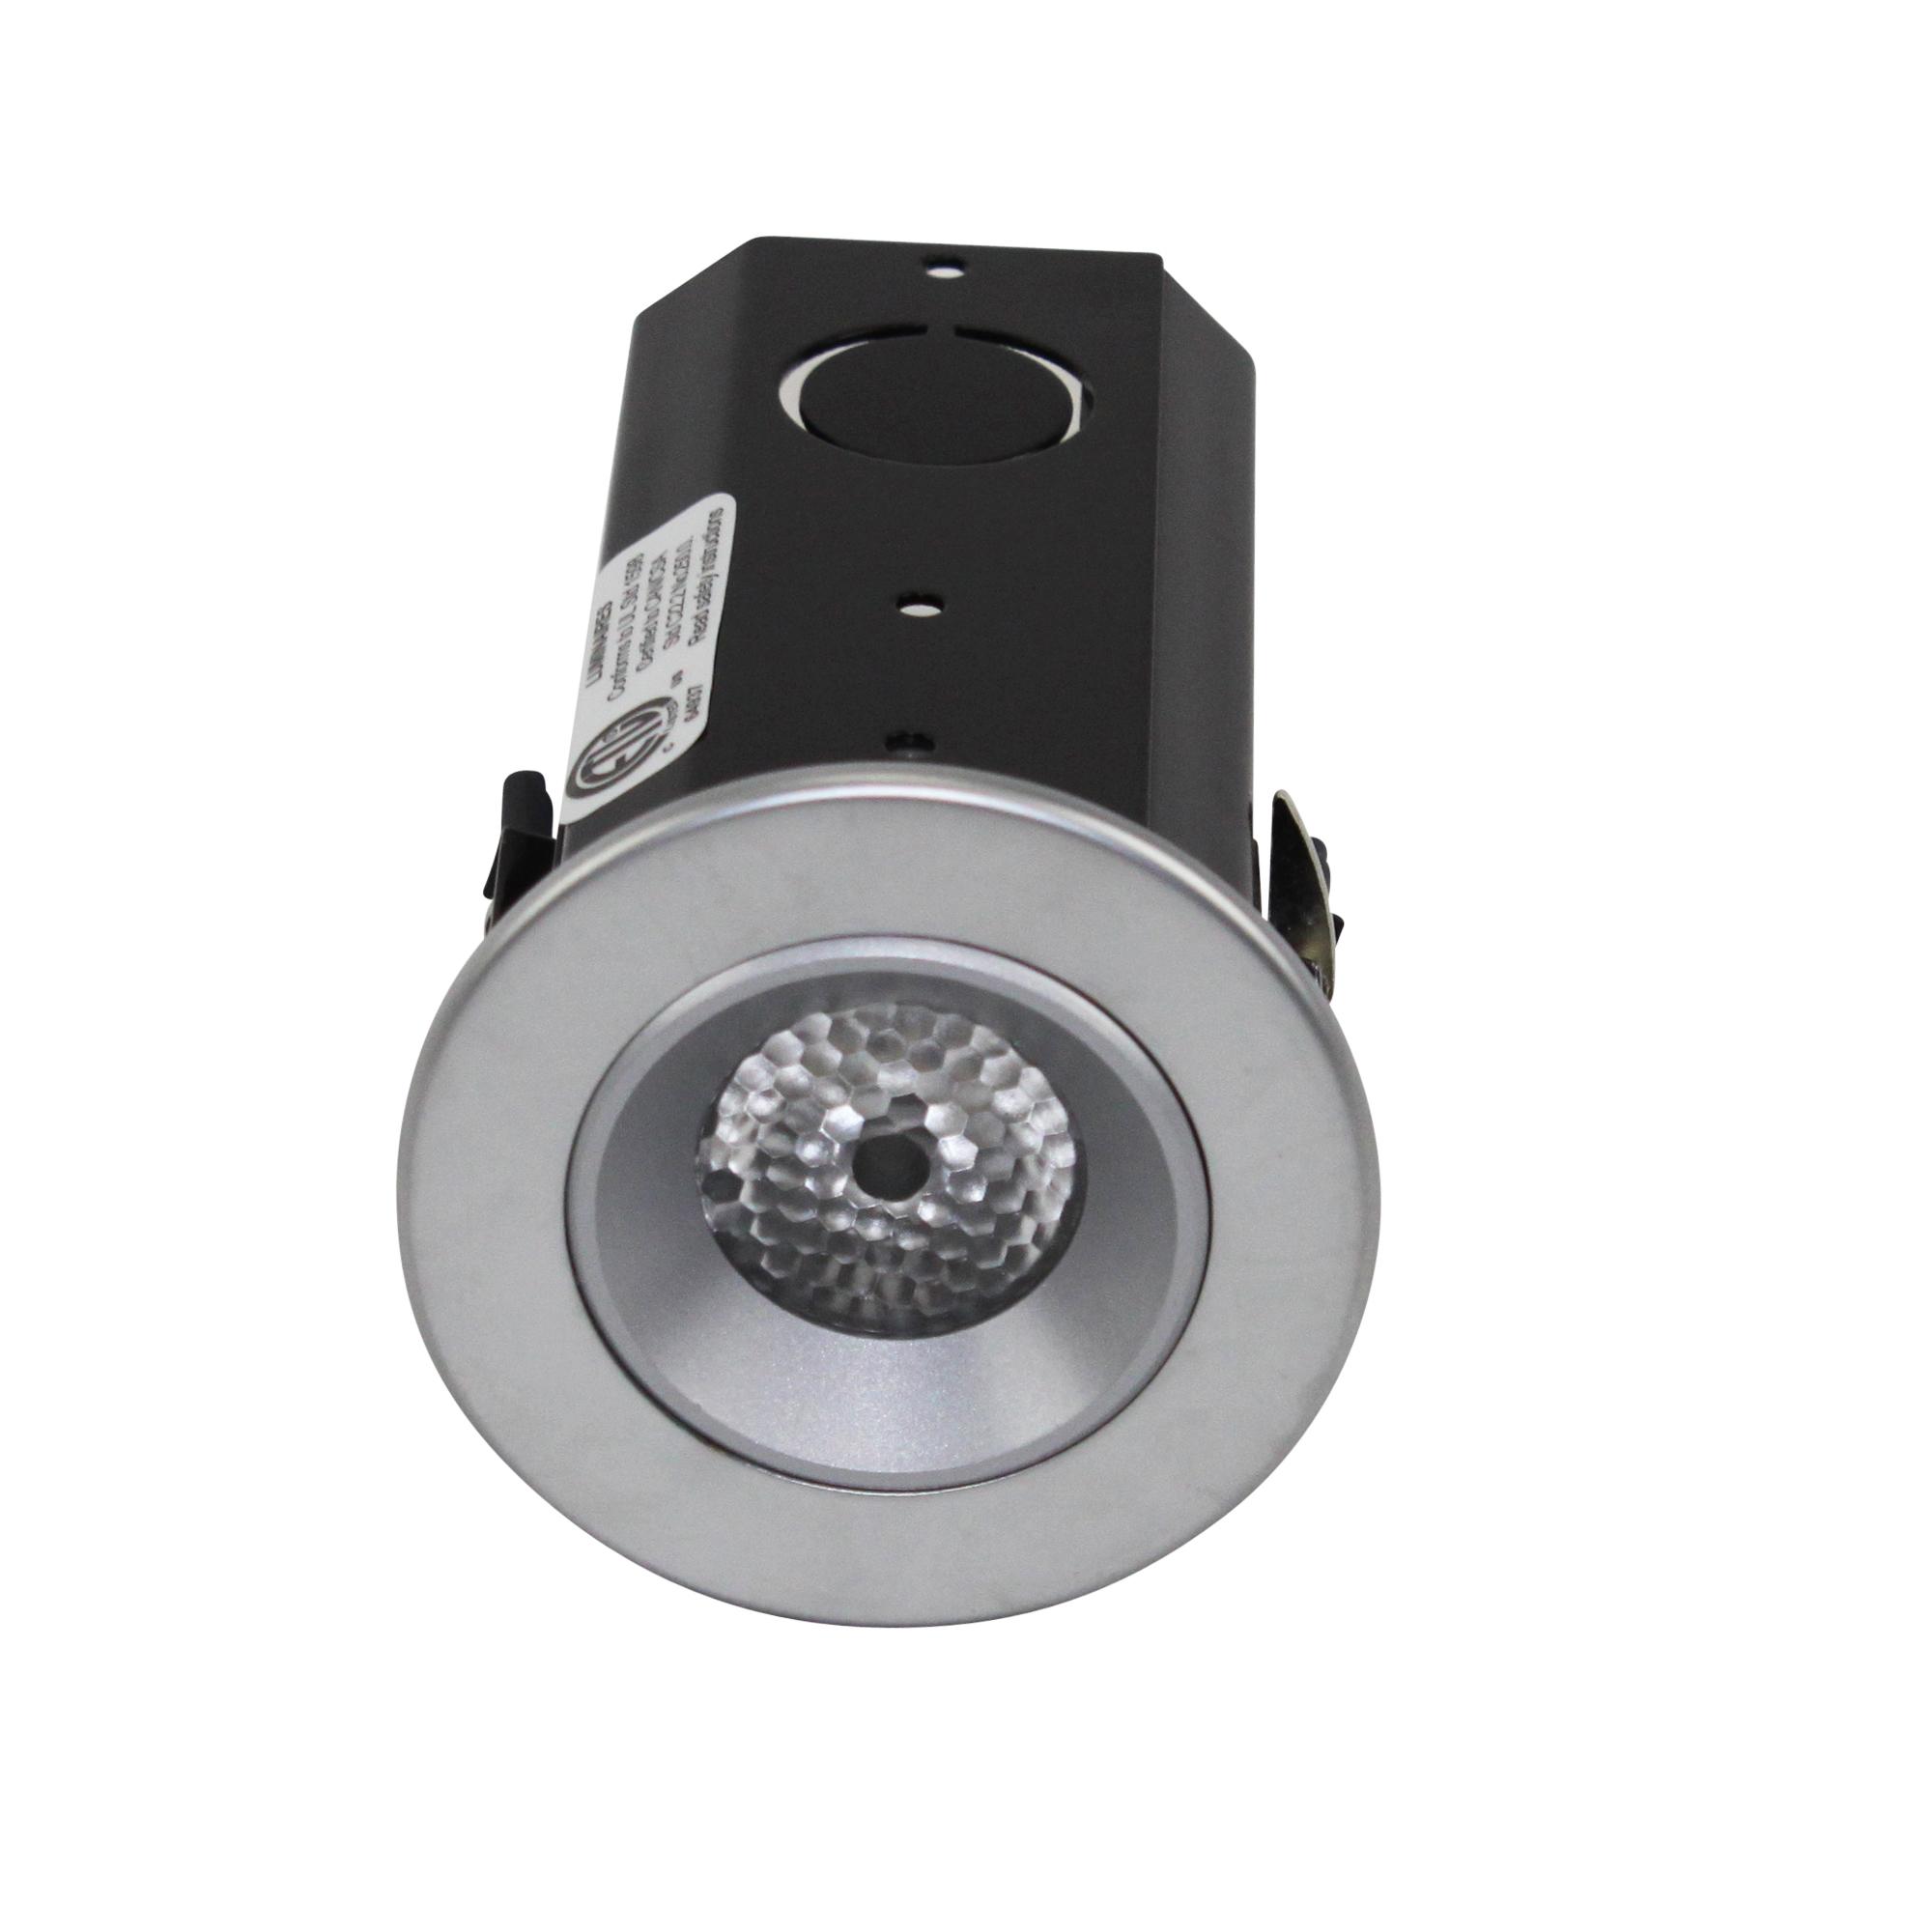 bruck ledra 135653 1 recessed led puck task light. Black Bedroom Furniture Sets. Home Design Ideas